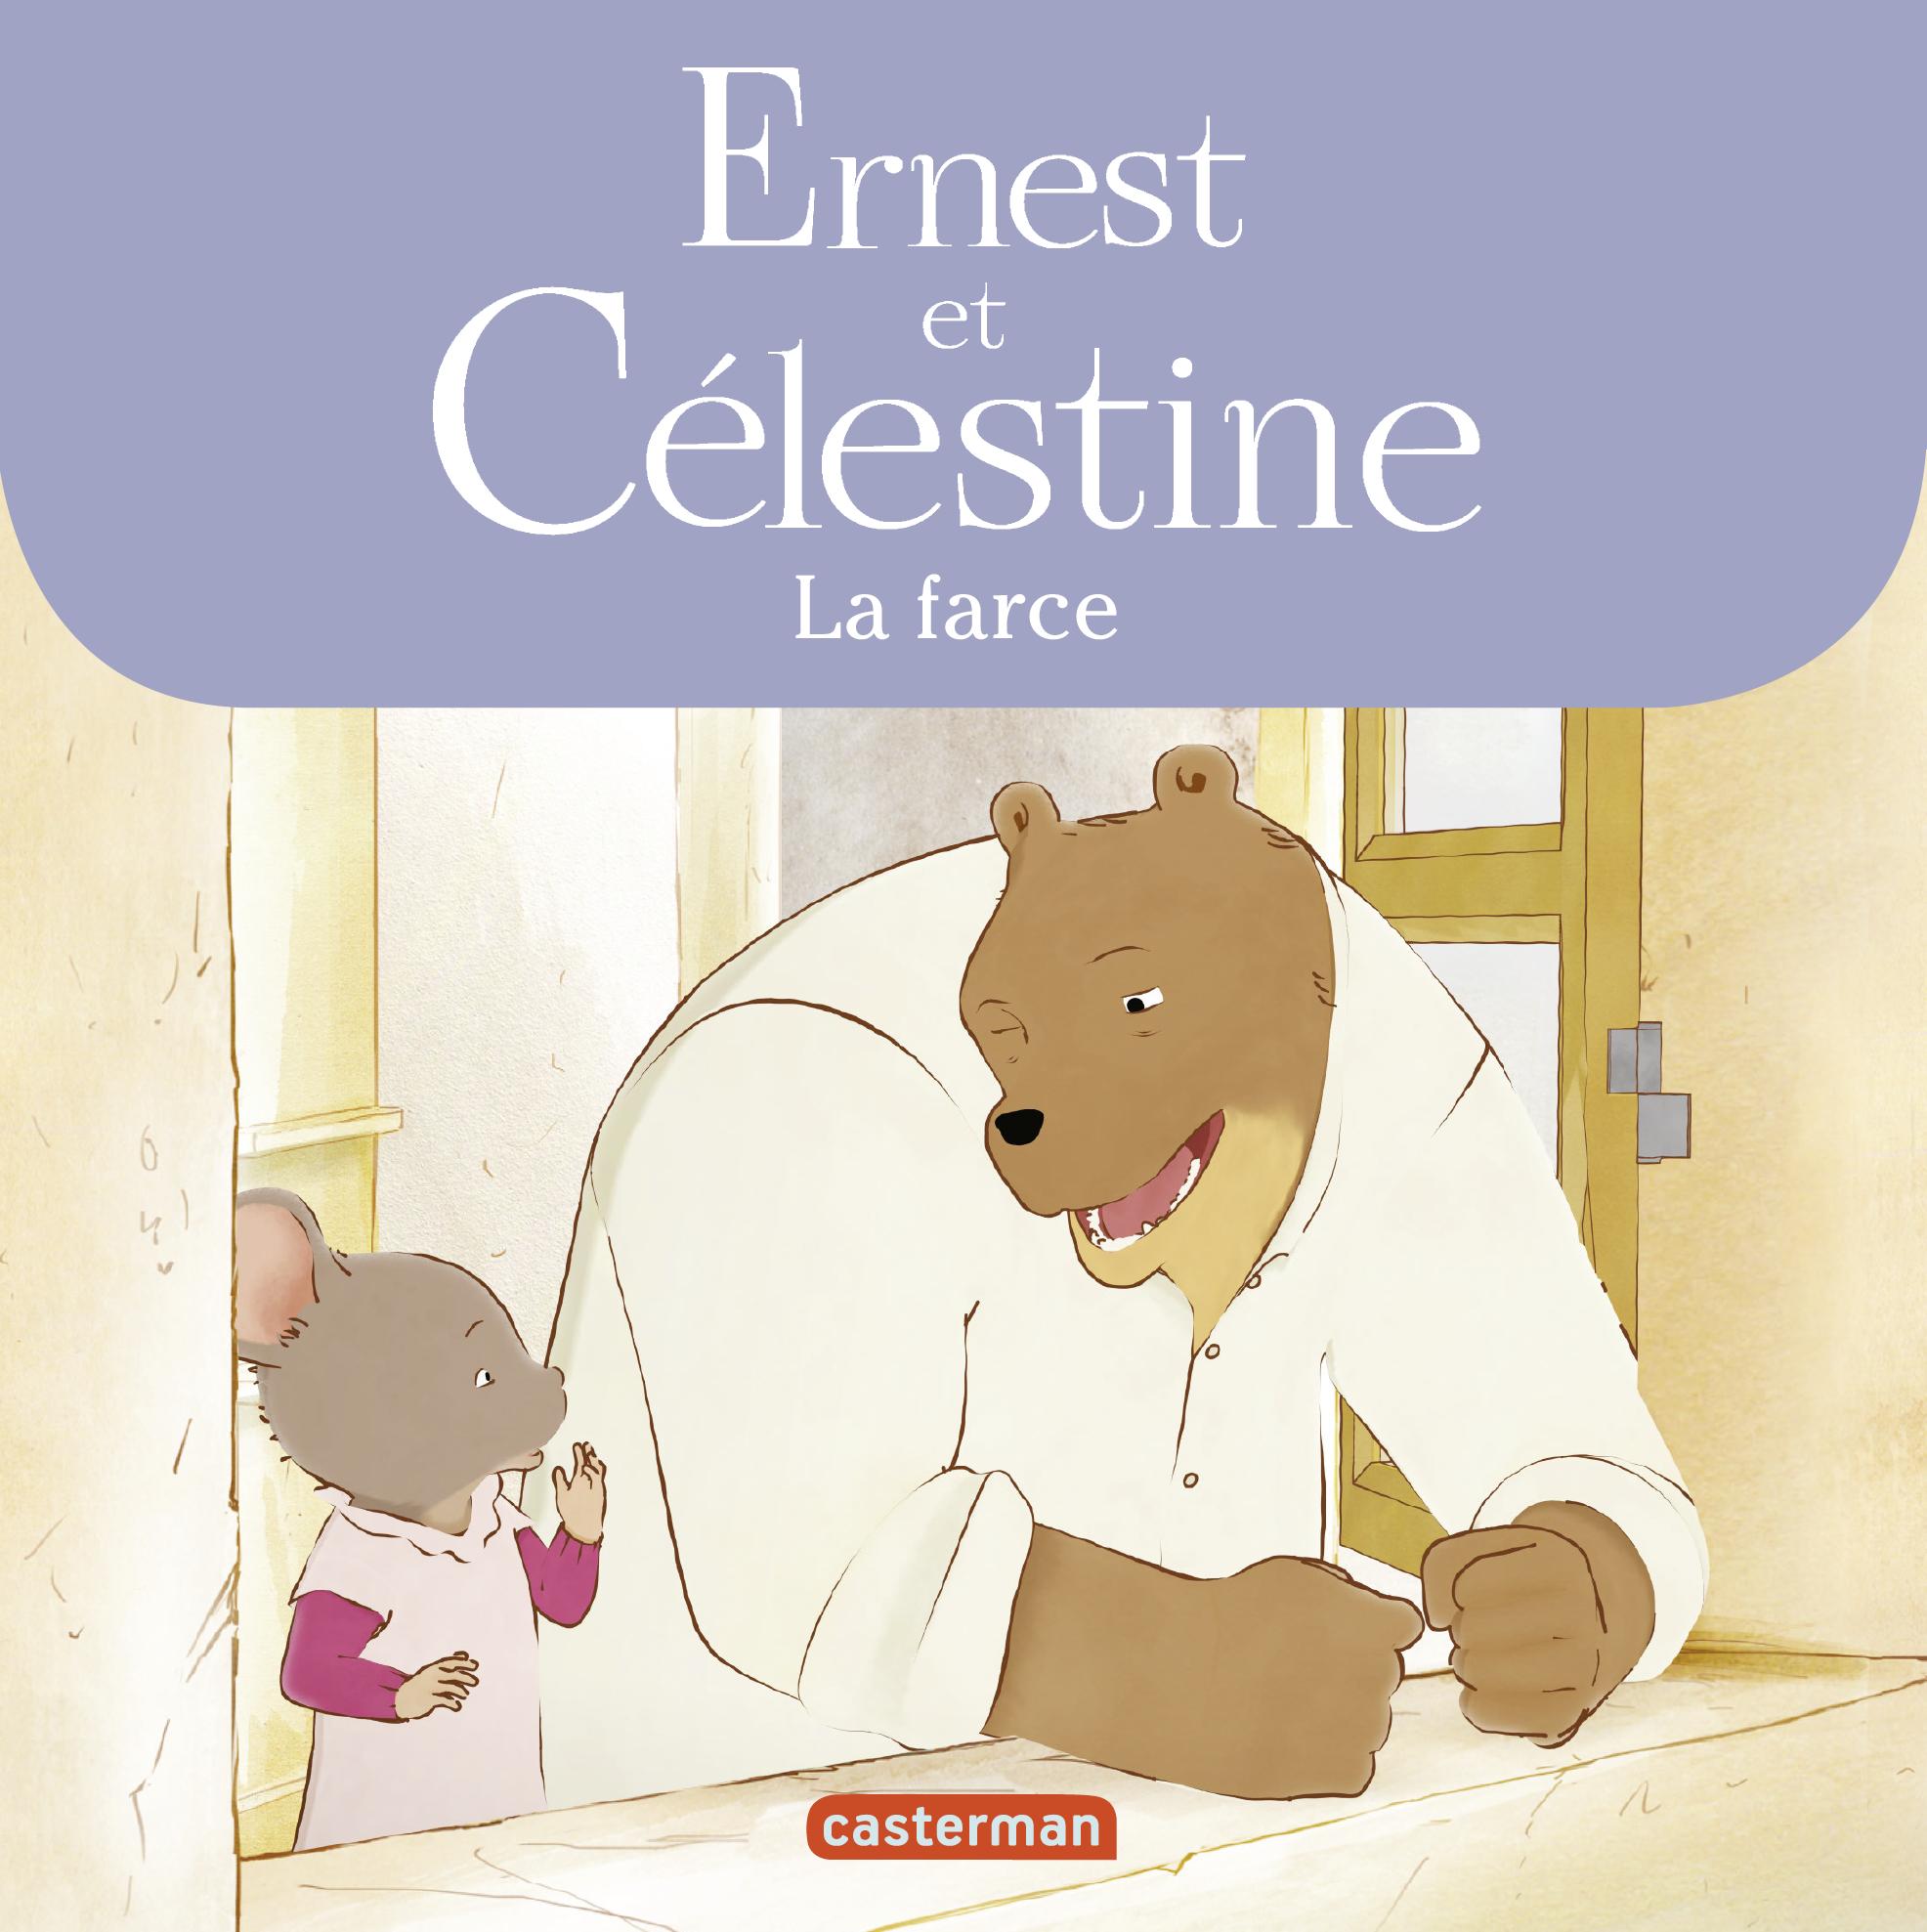 Ernest et Célestine - La farce